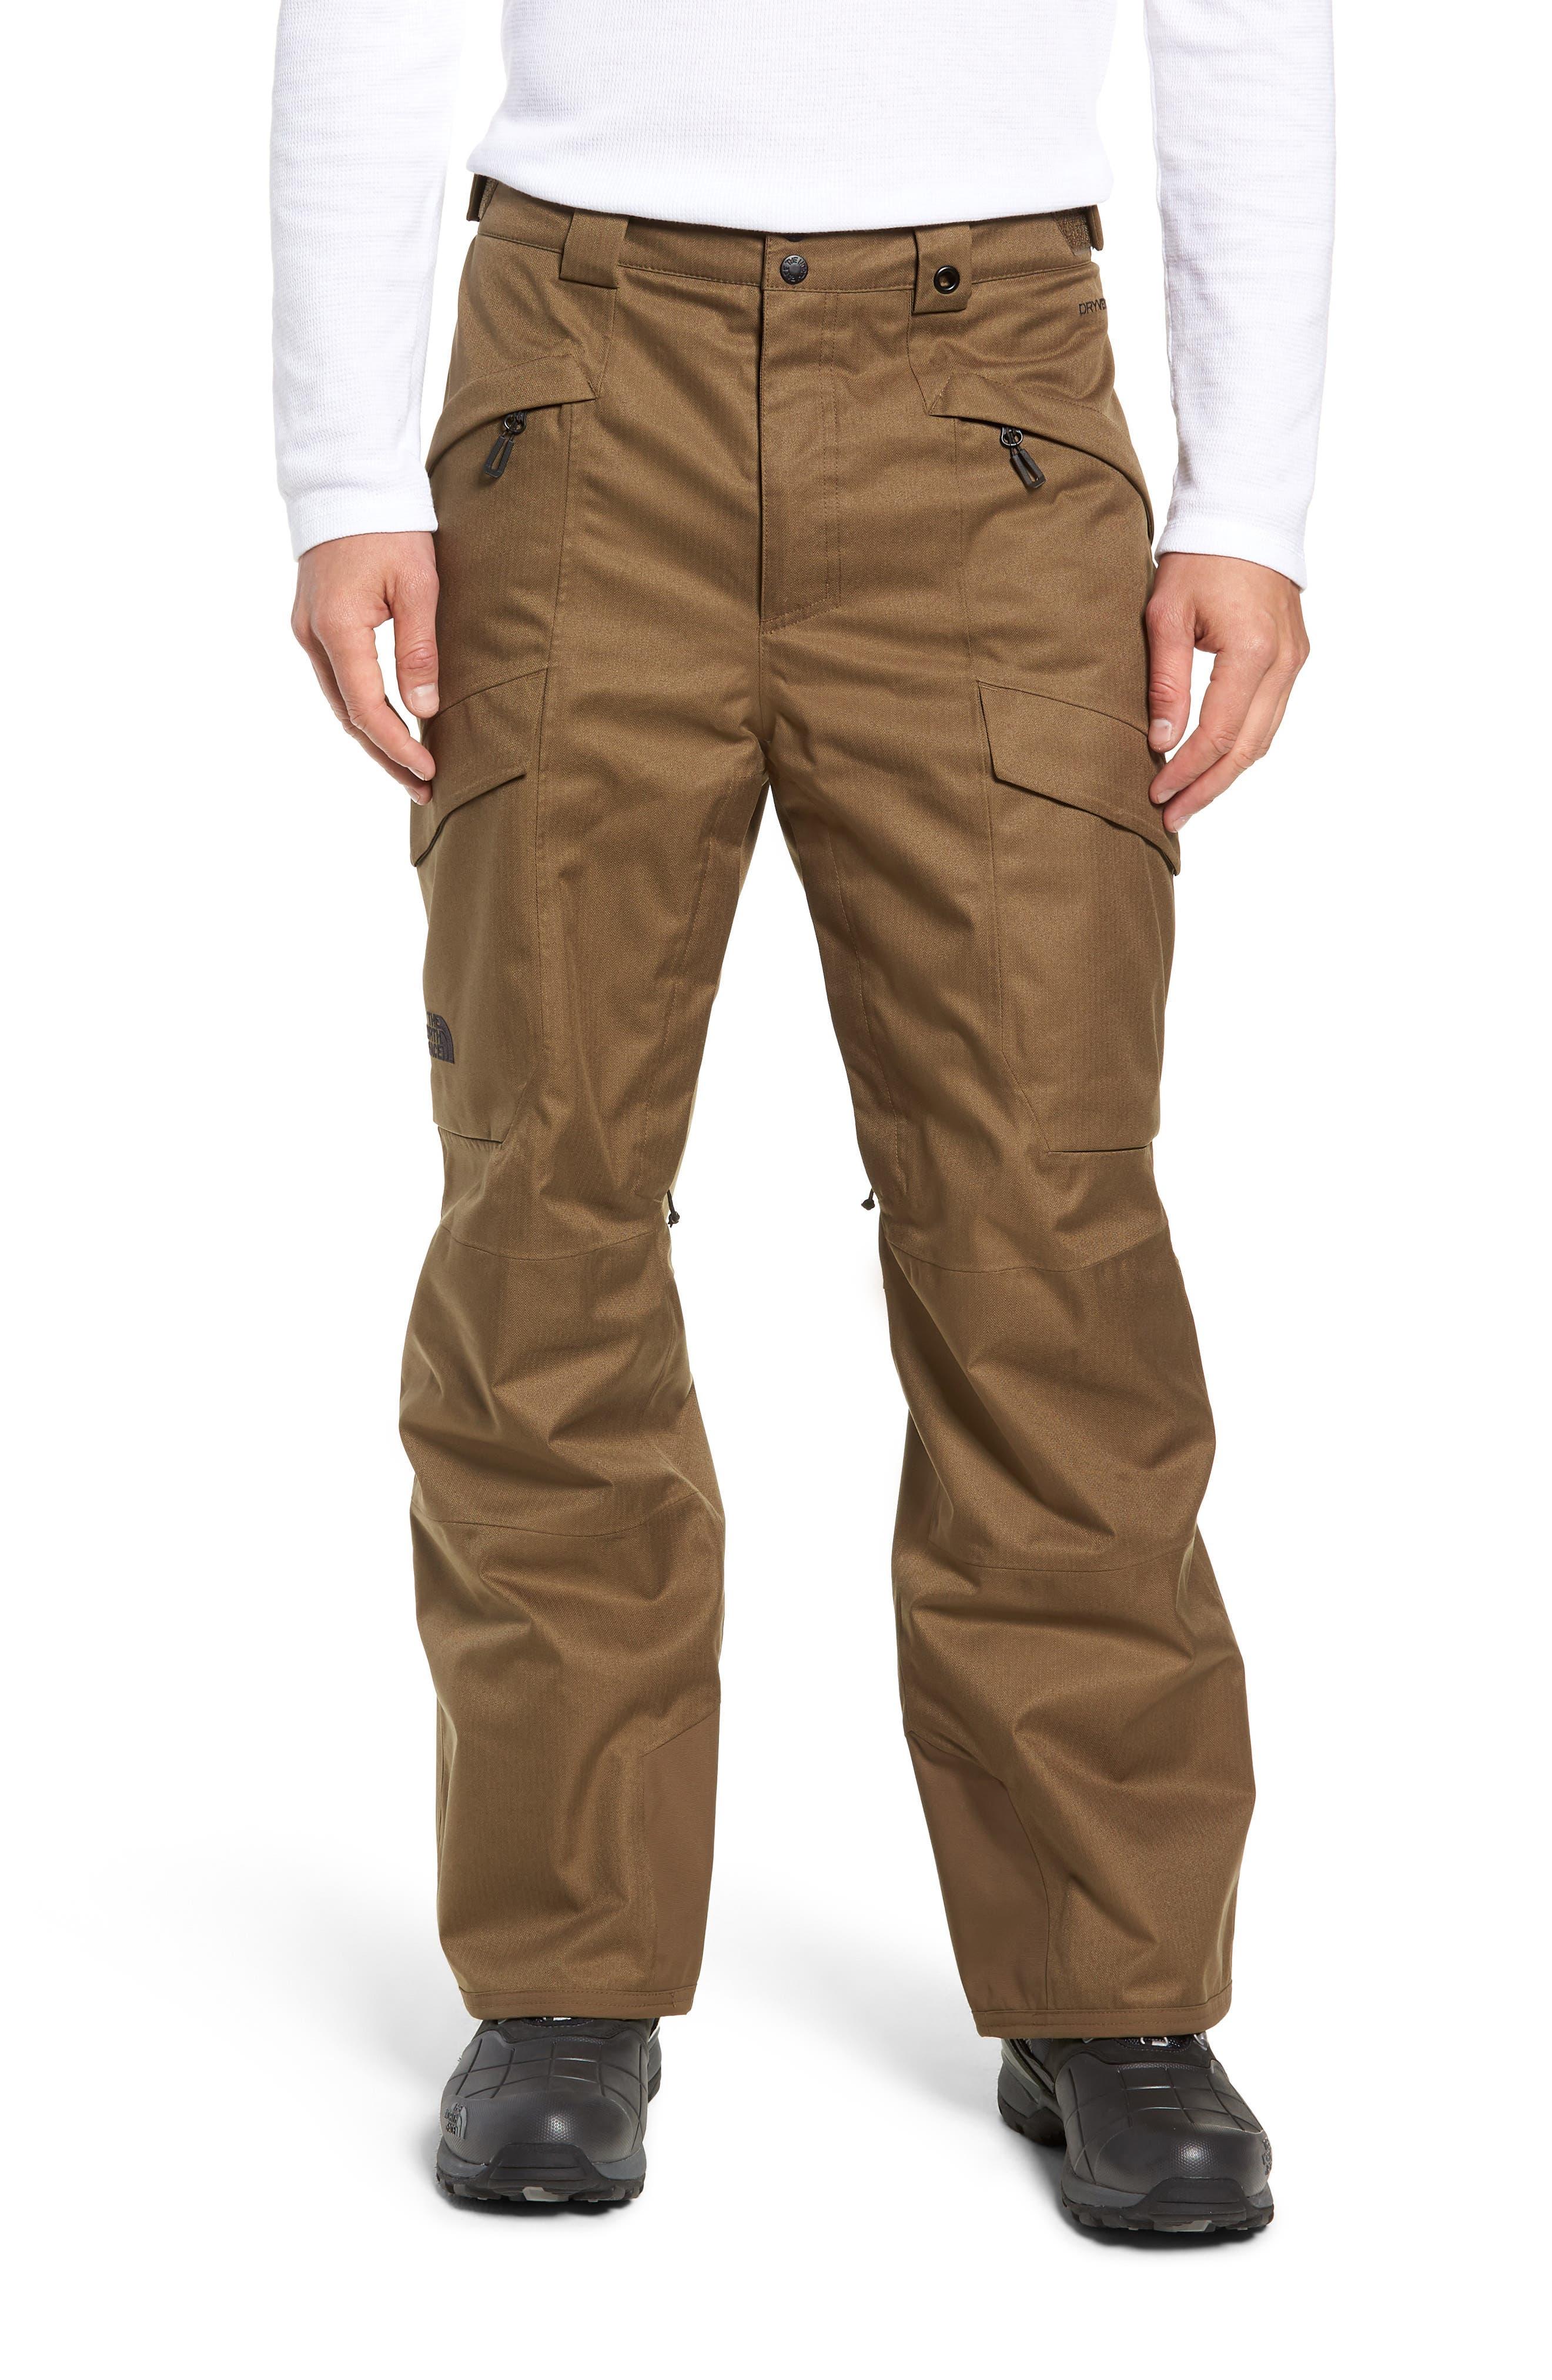 The North Face Gatekeeper Waterproof Pants